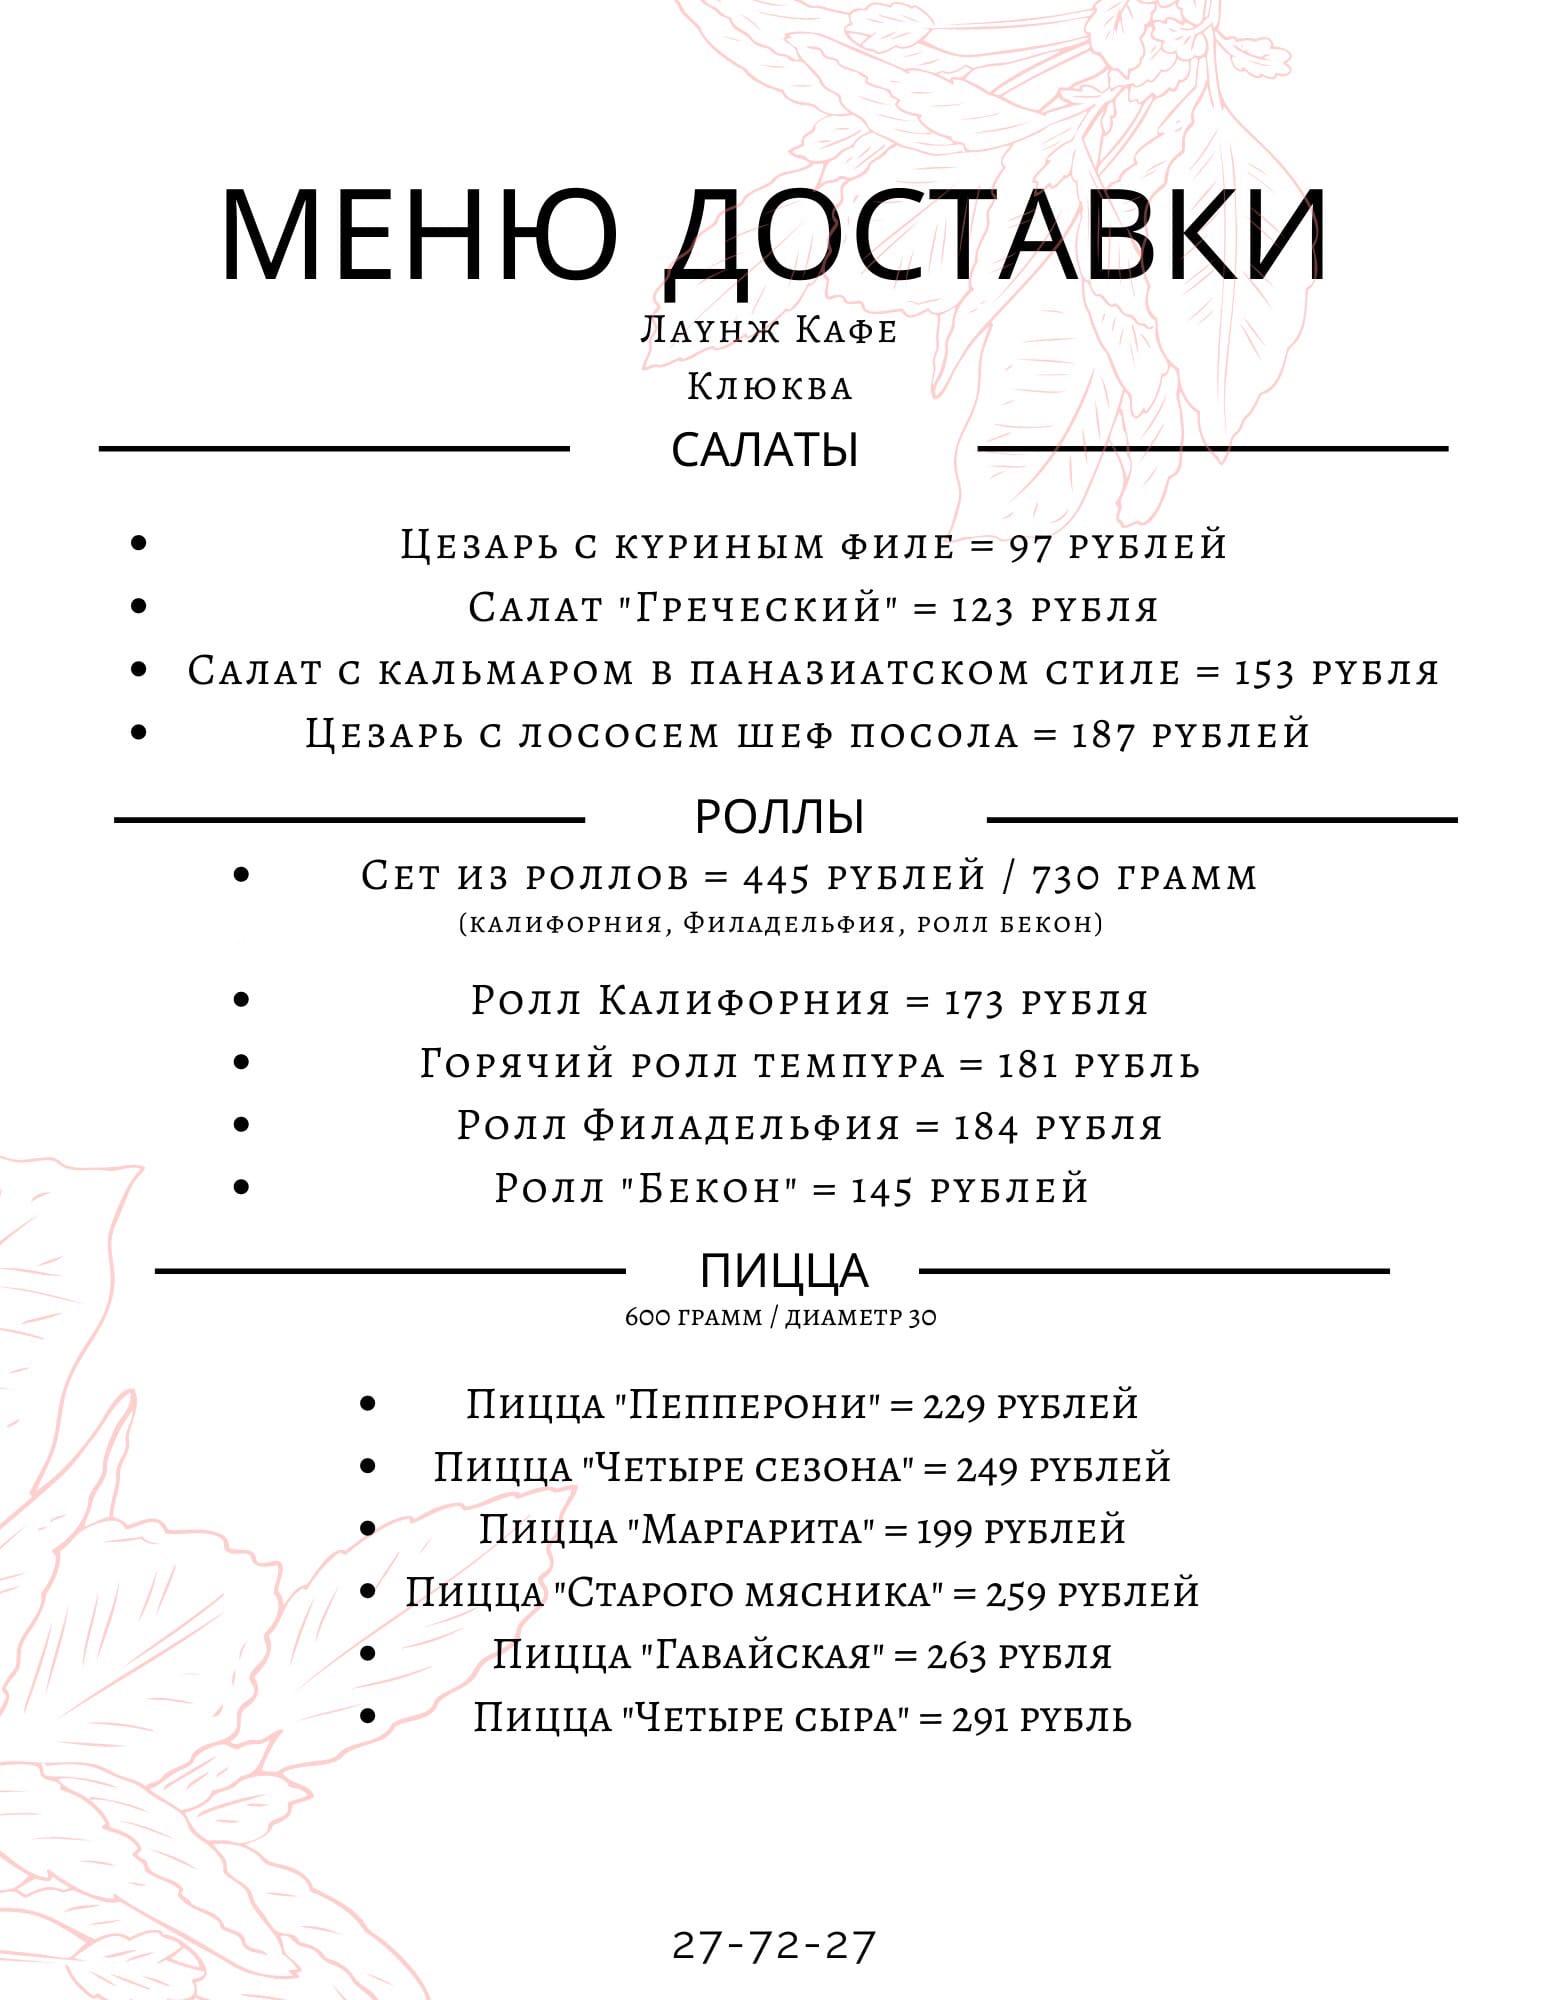 Кафе, бар «Клюква» - Вконтакте